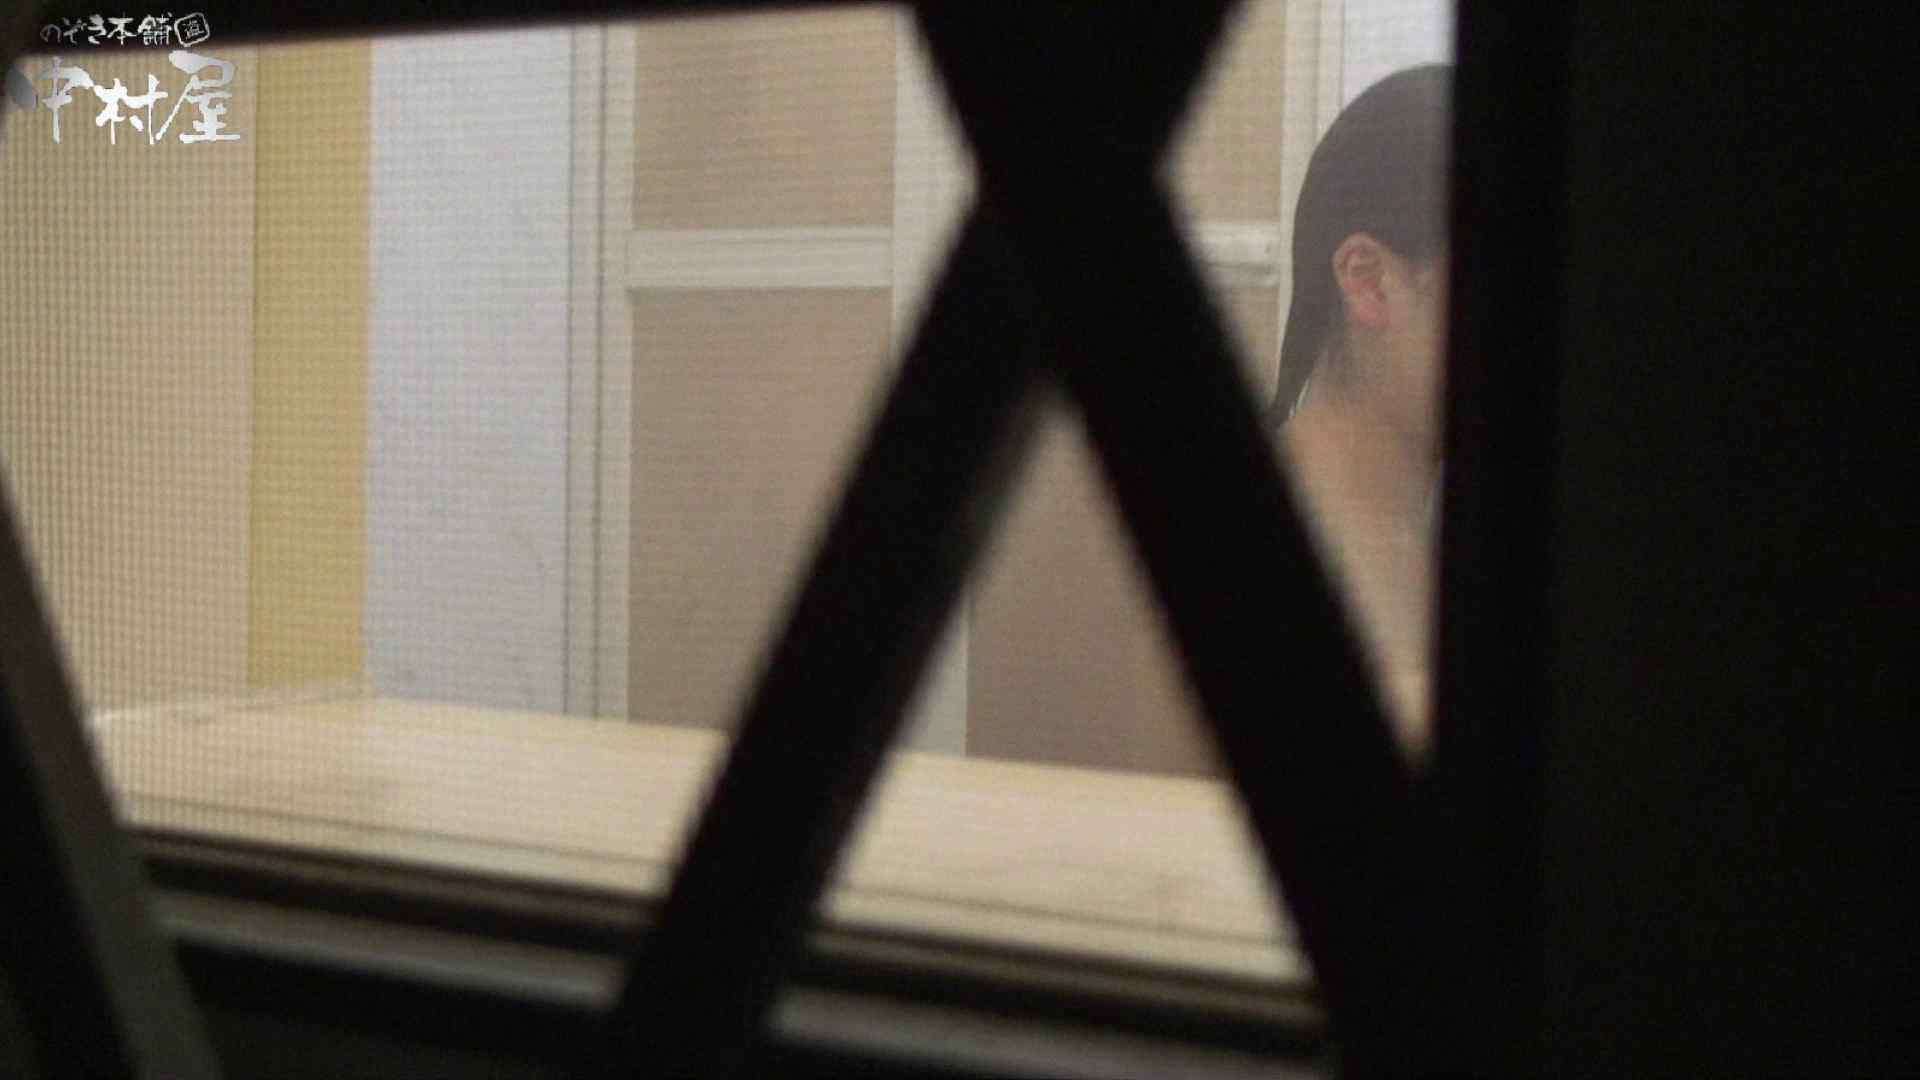 民家風呂専門盗撮師の超危険映像 vol.027 民家 | 美少女ヌード  49pic 4